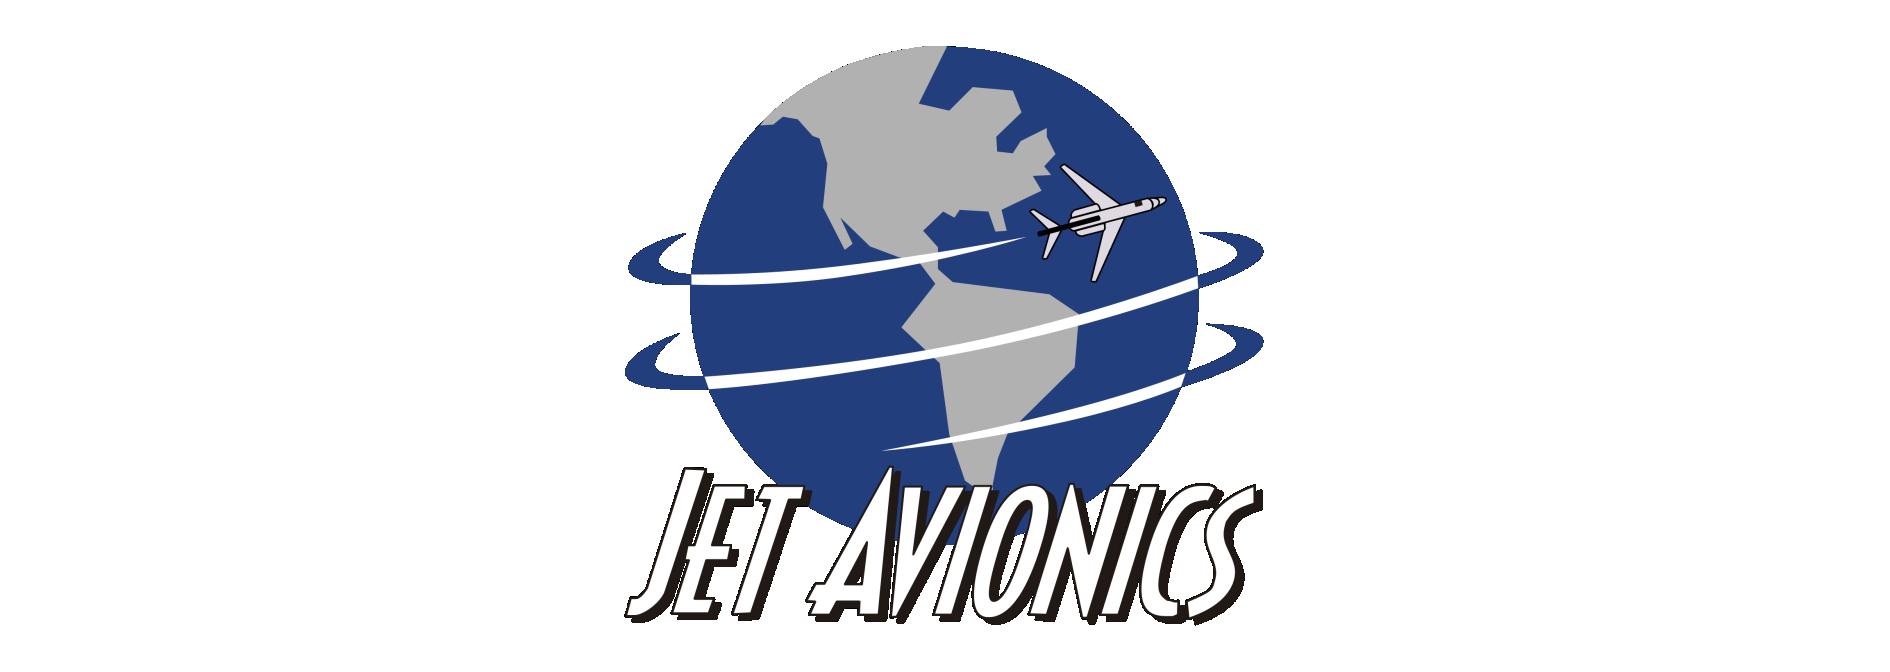 Logo Jet Avionics